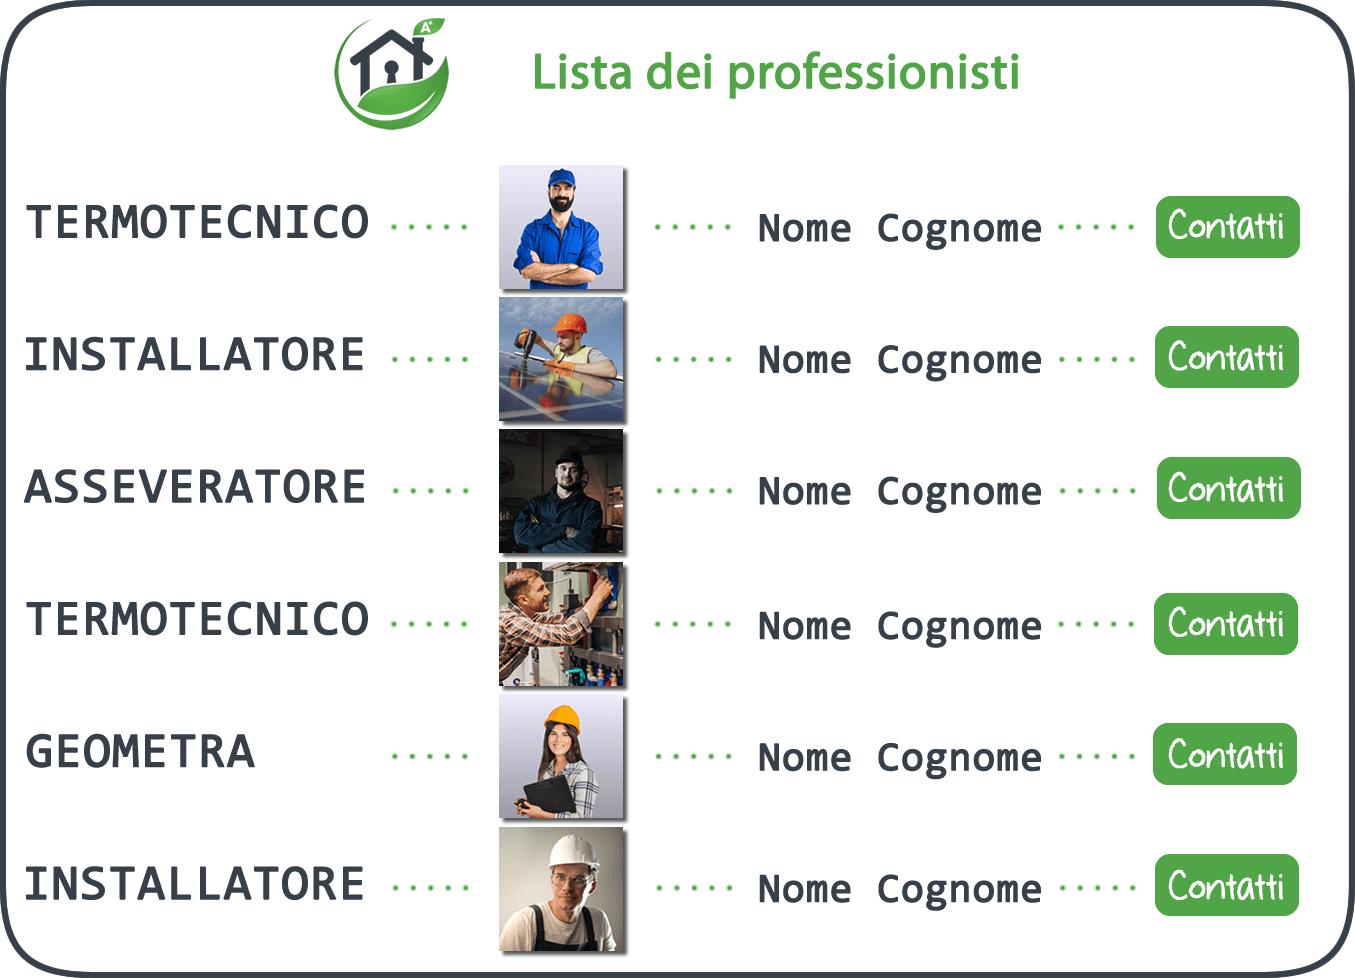 Lista dei professionisti